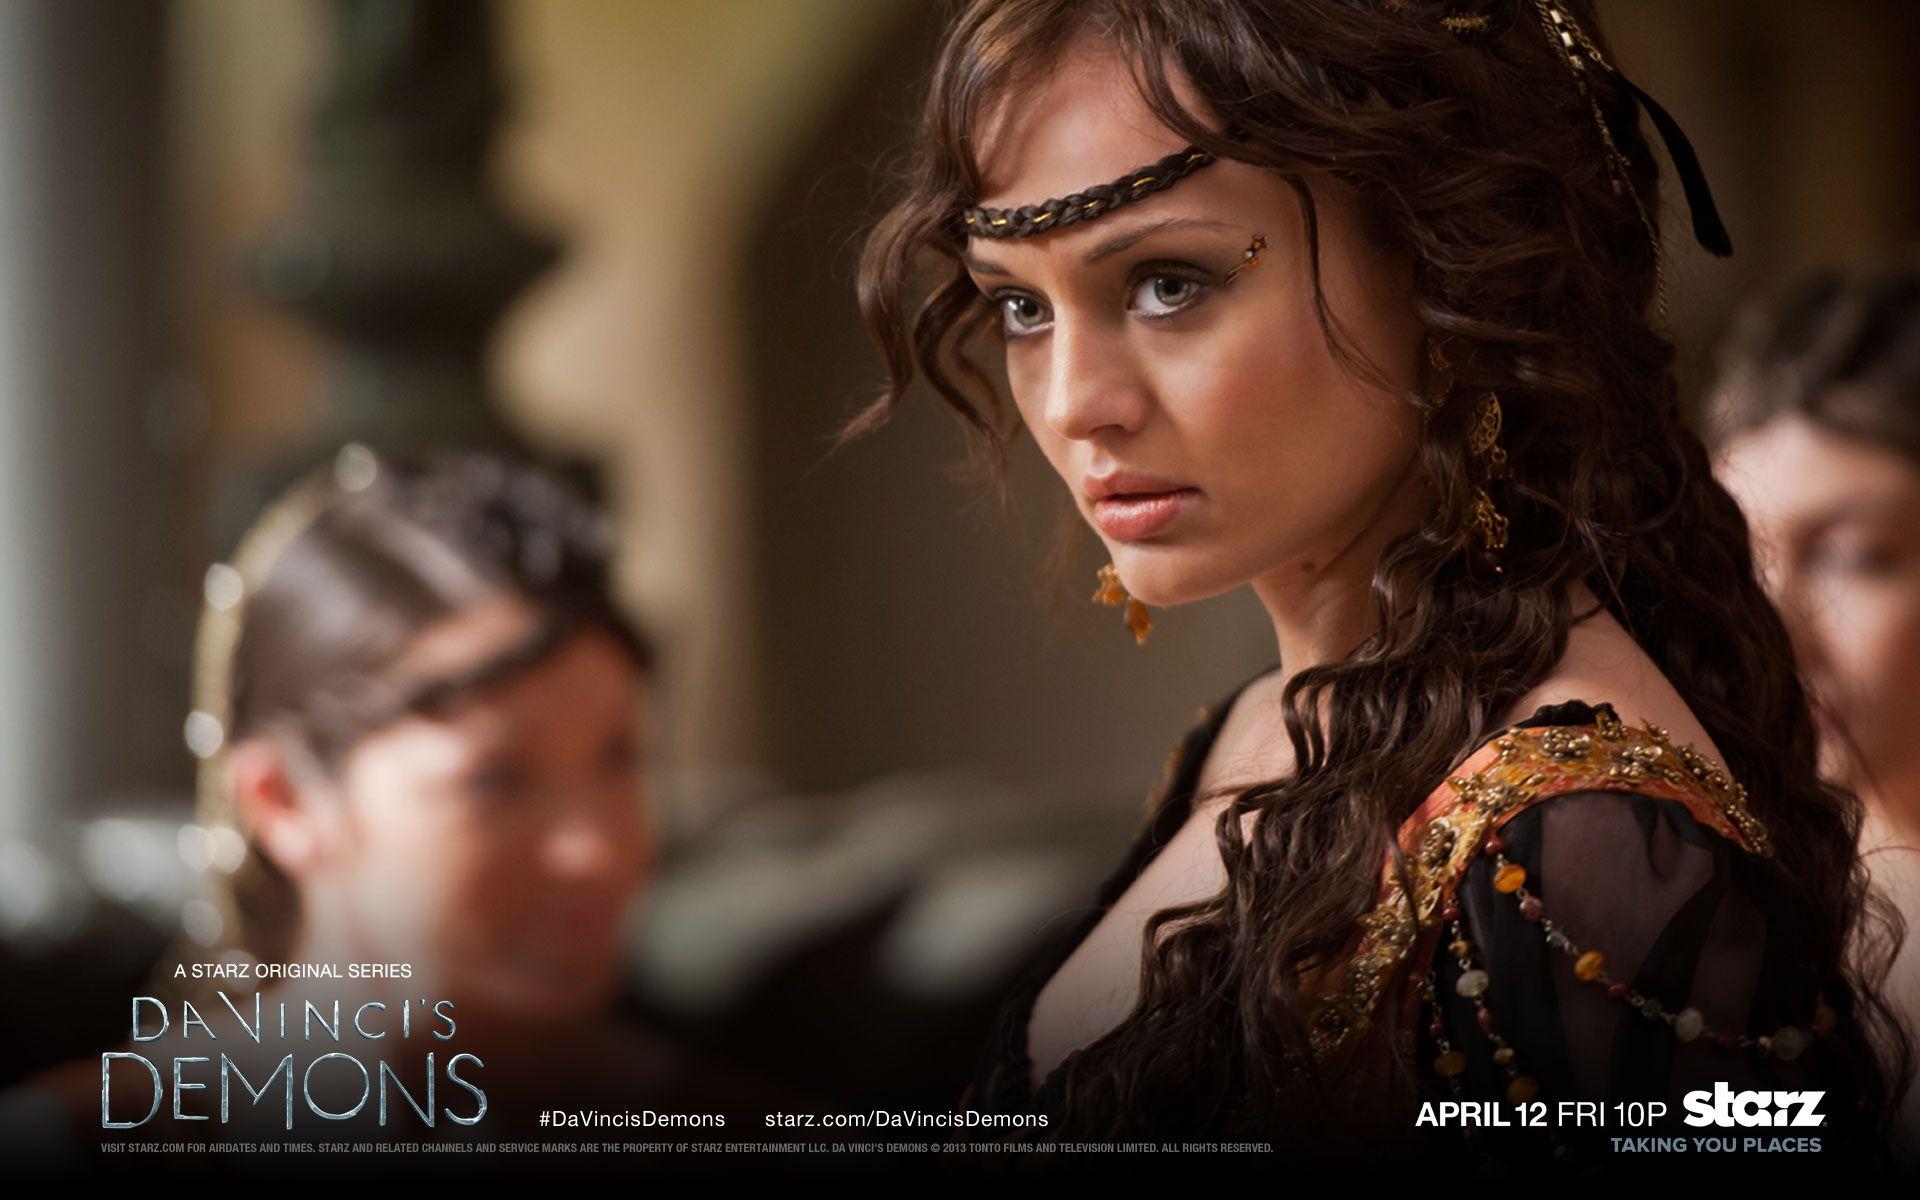 Da Vinci.s Demons S01 BDRip | S02E01-E10 HDTV + DVDRips  Rdzs